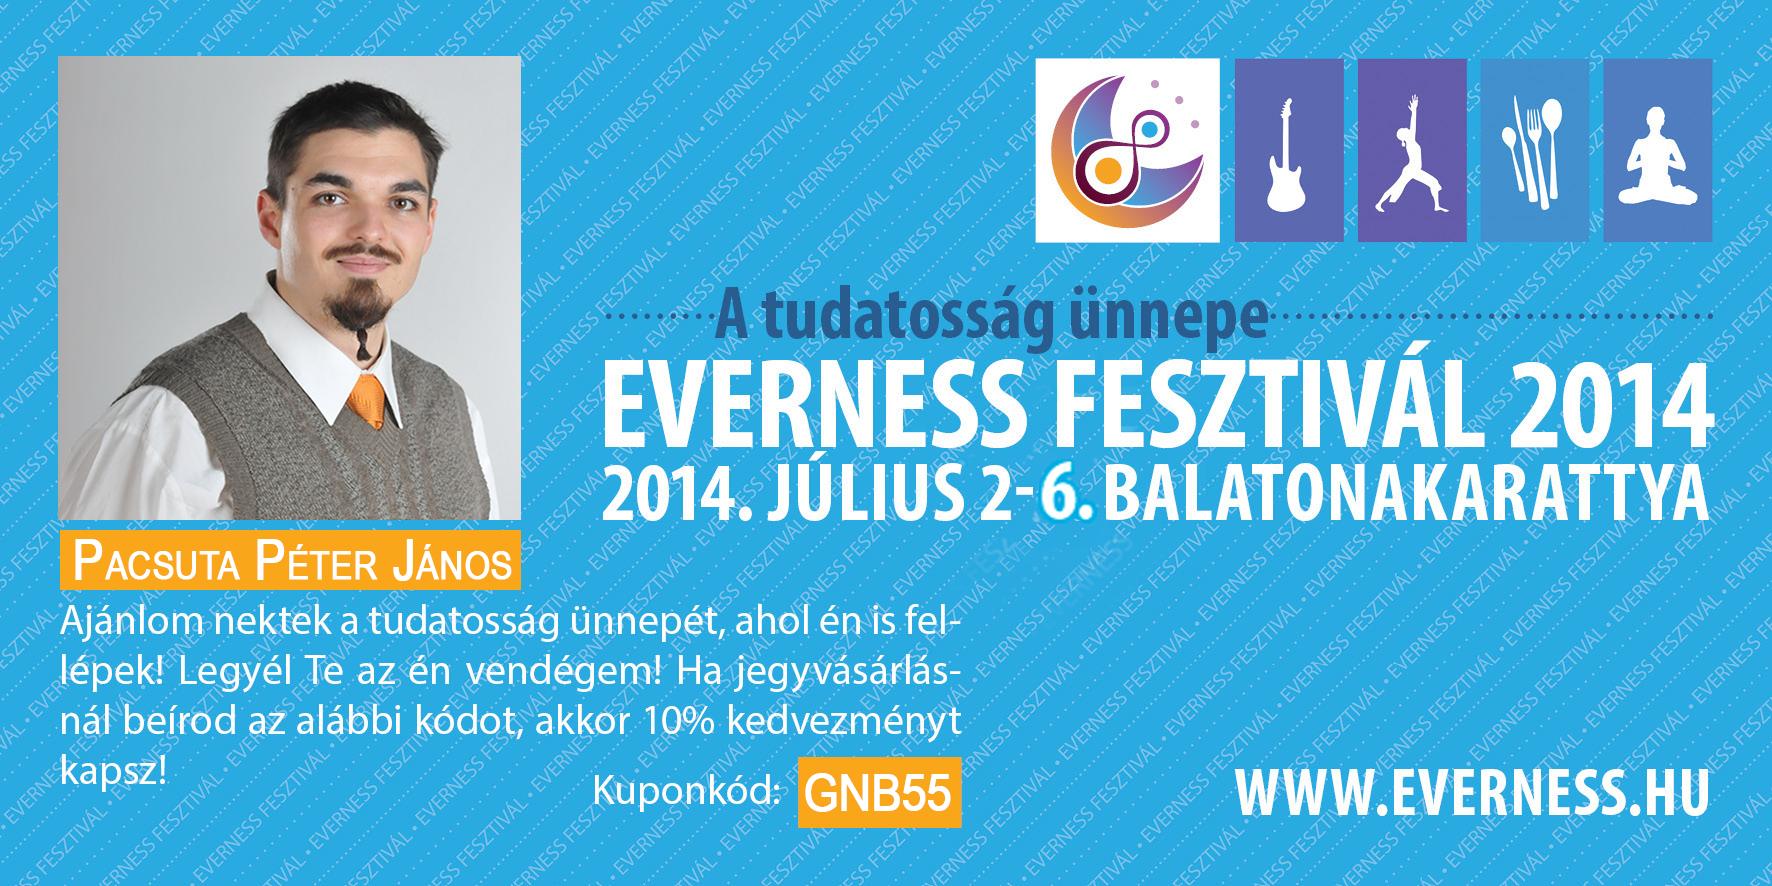 Everness Fesztivál kuponkód tájékoztató.png